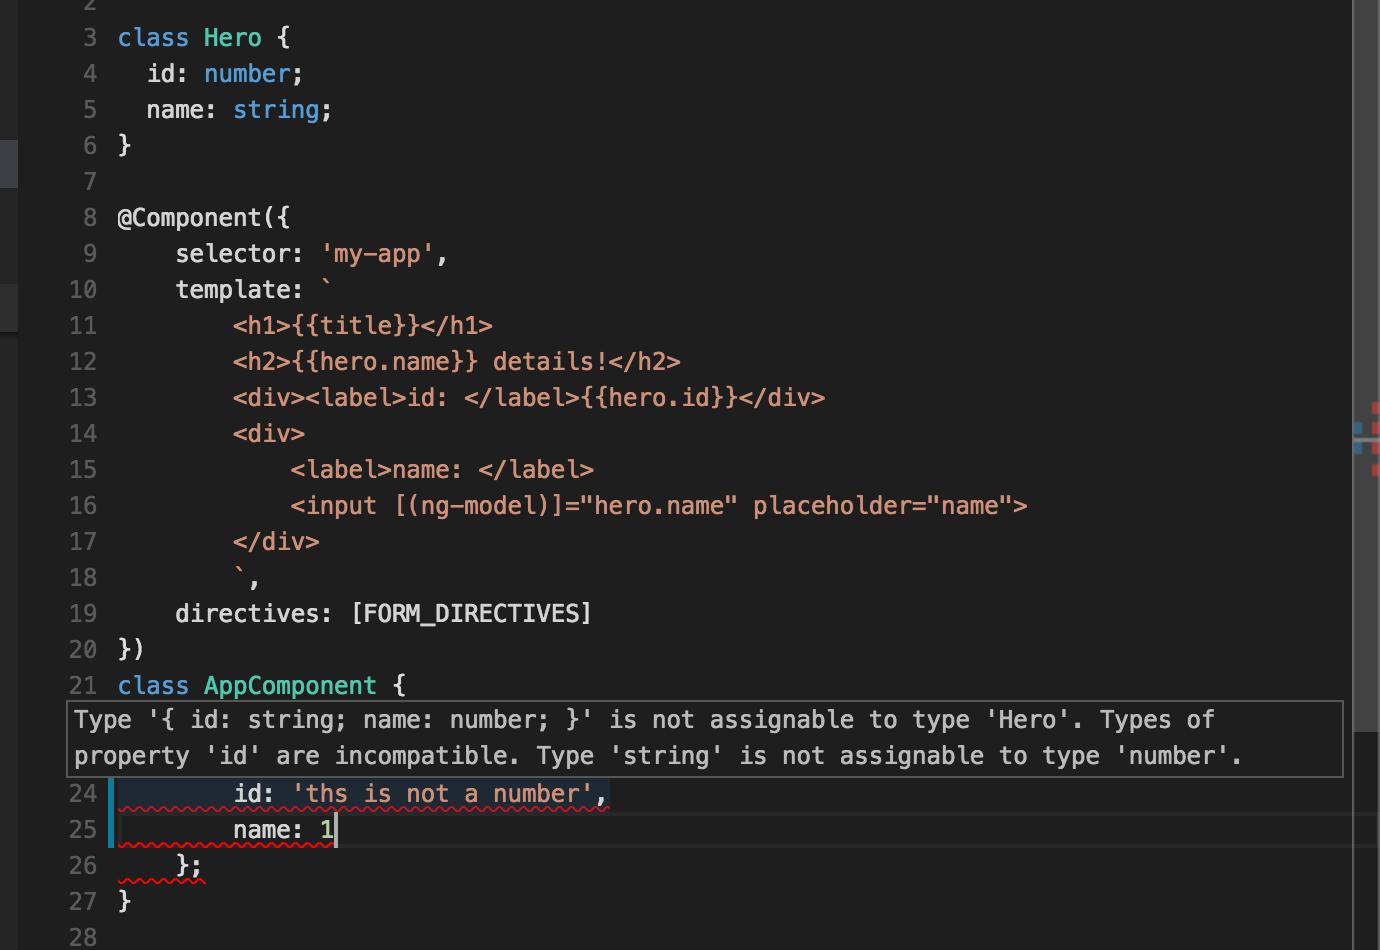 TypeScript compilation error